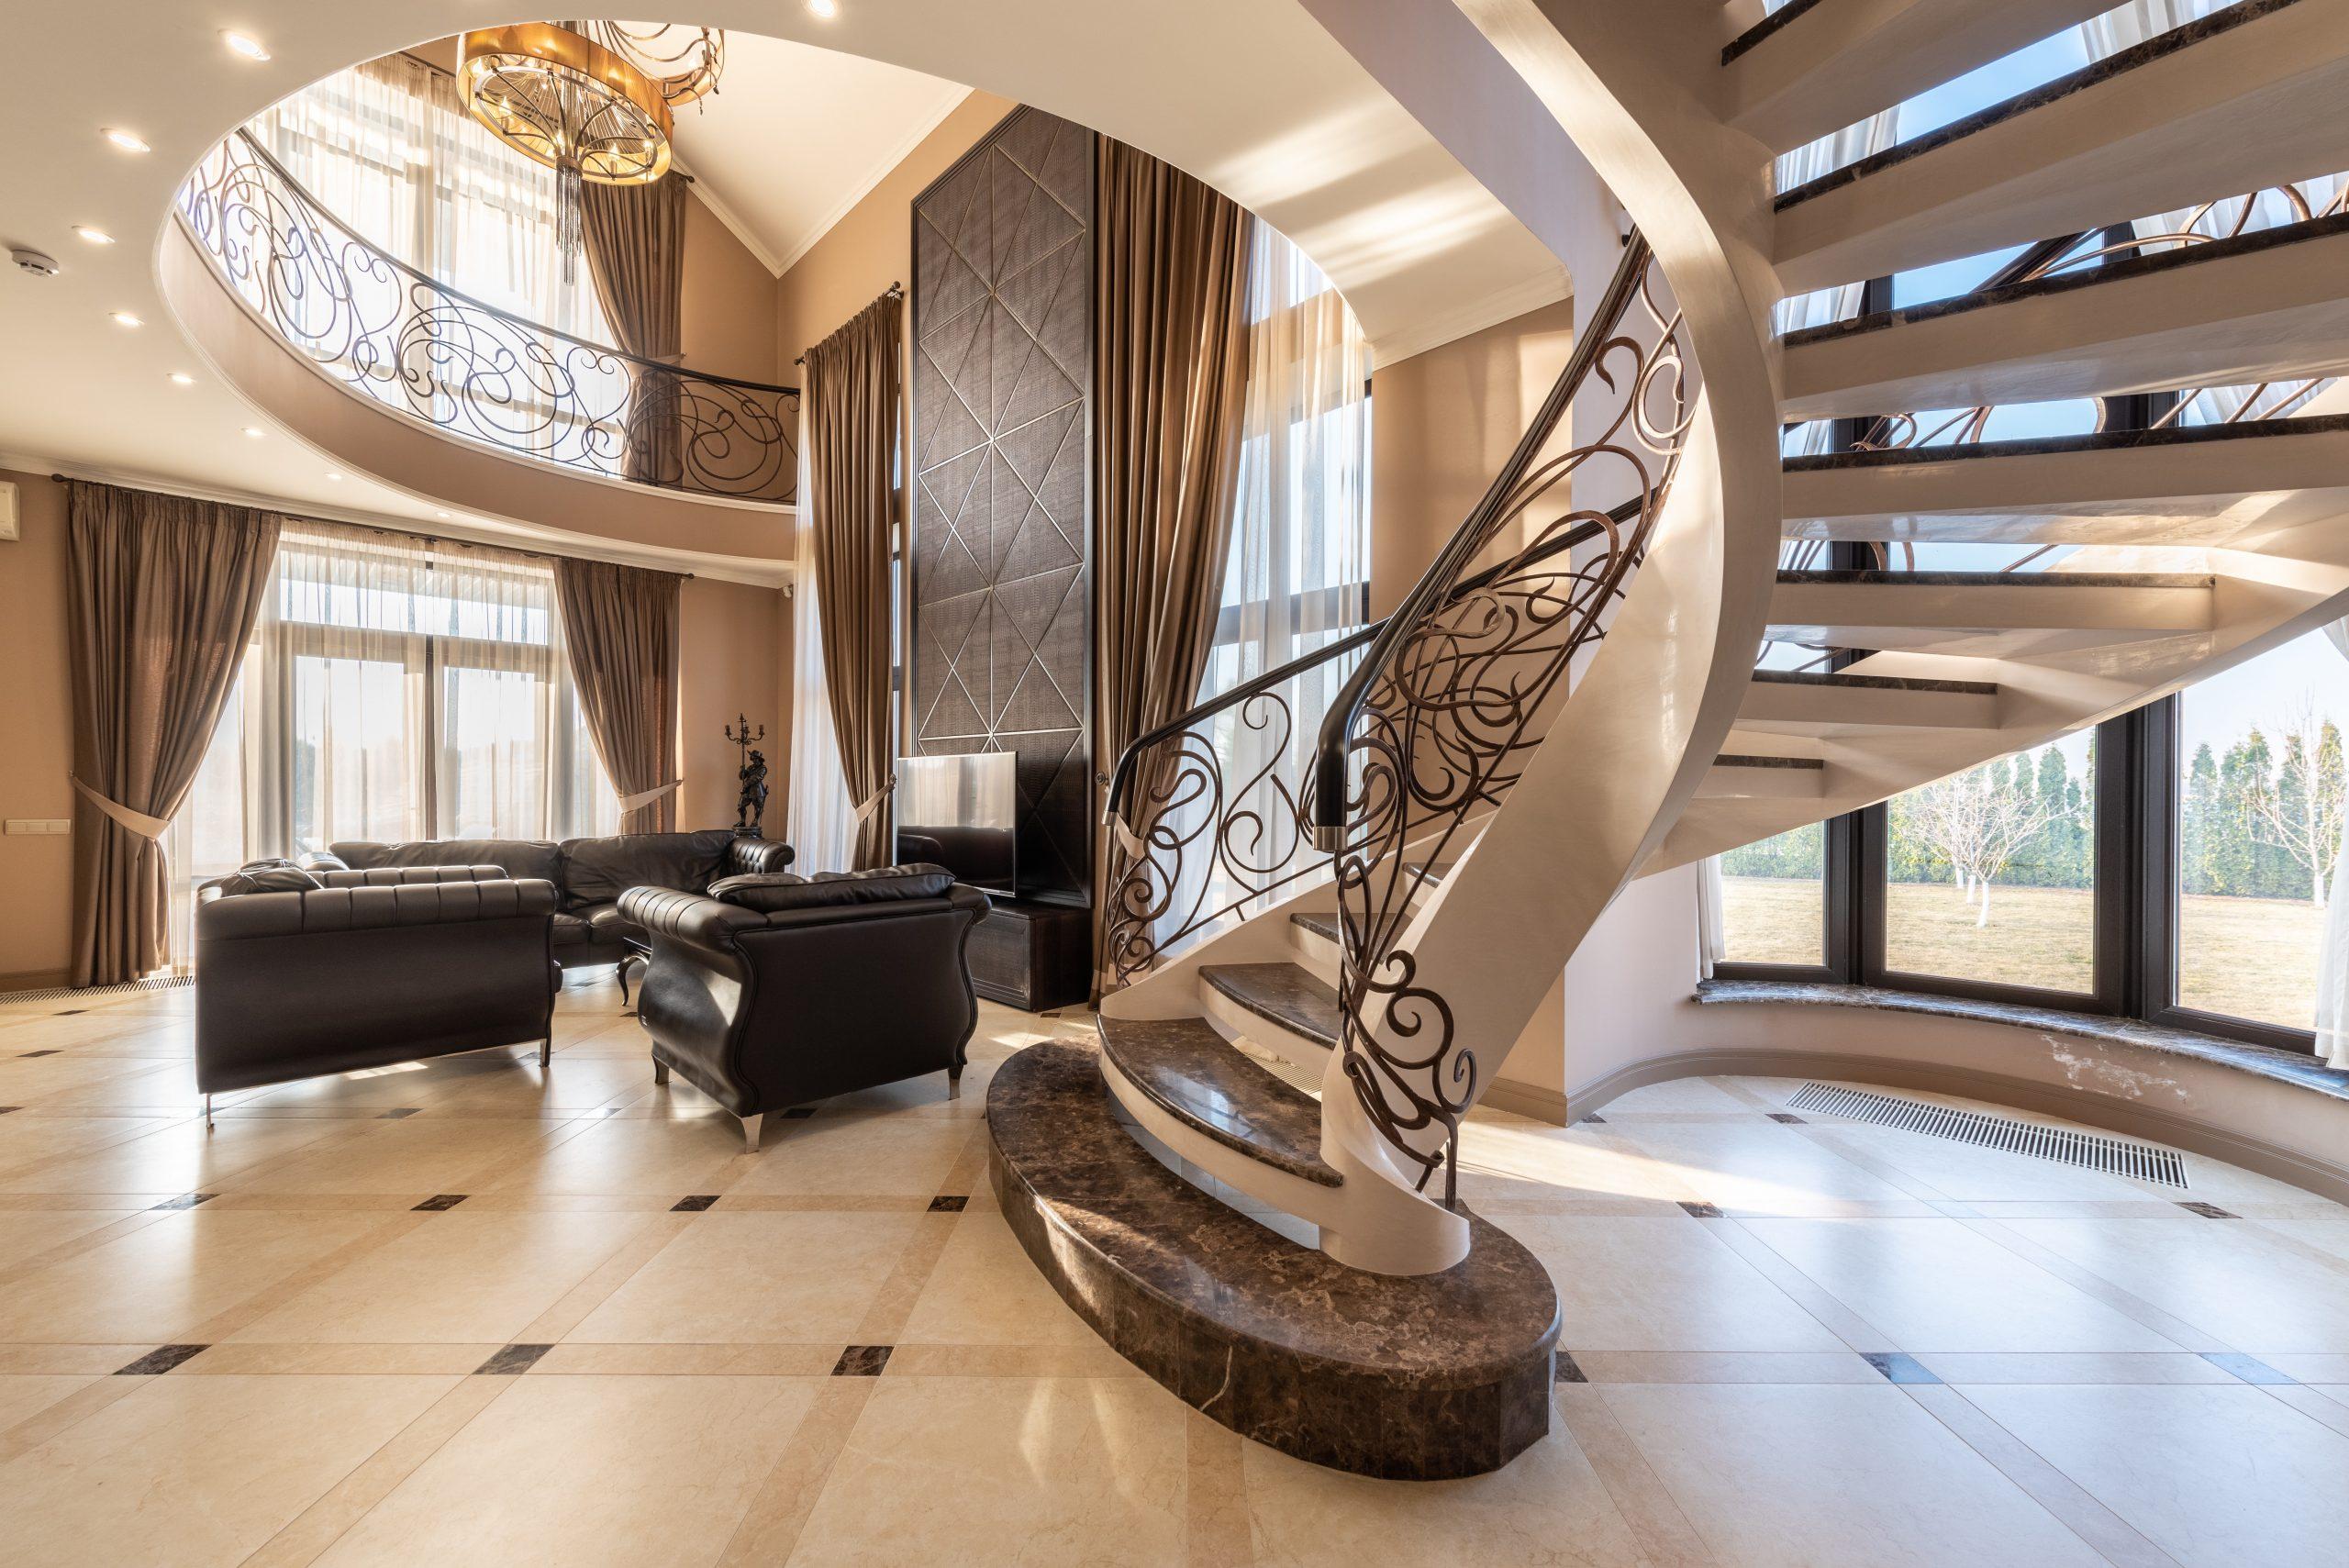 Balustradele din fier forjat – elemente de bun gust in designul casei tale